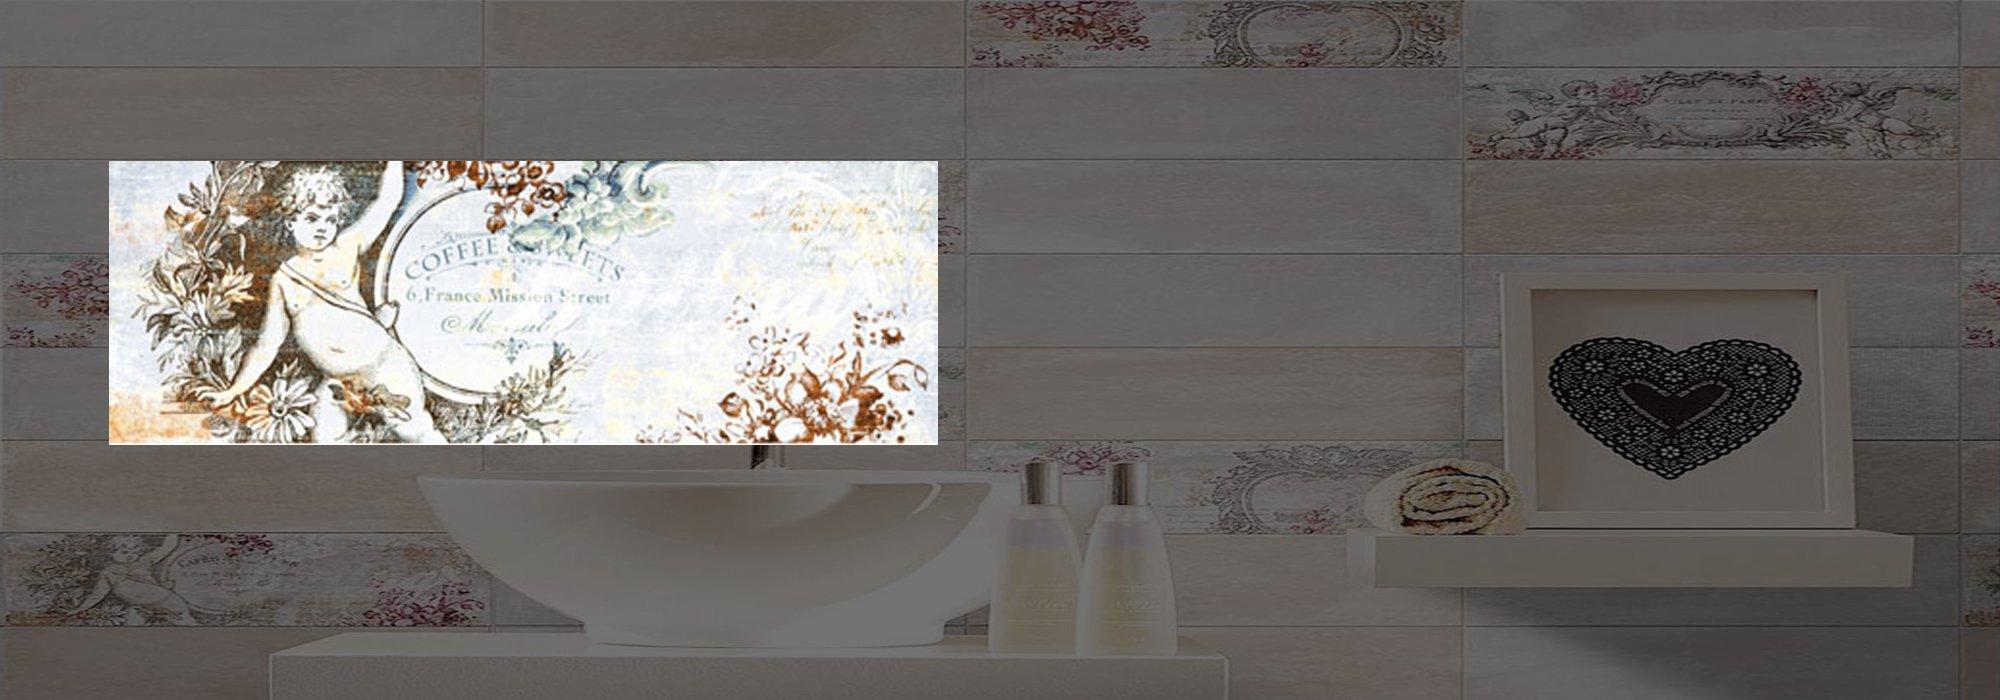 דקור קרמיקה אנטיק כחלחל דגם 03 10*30 by Milstone